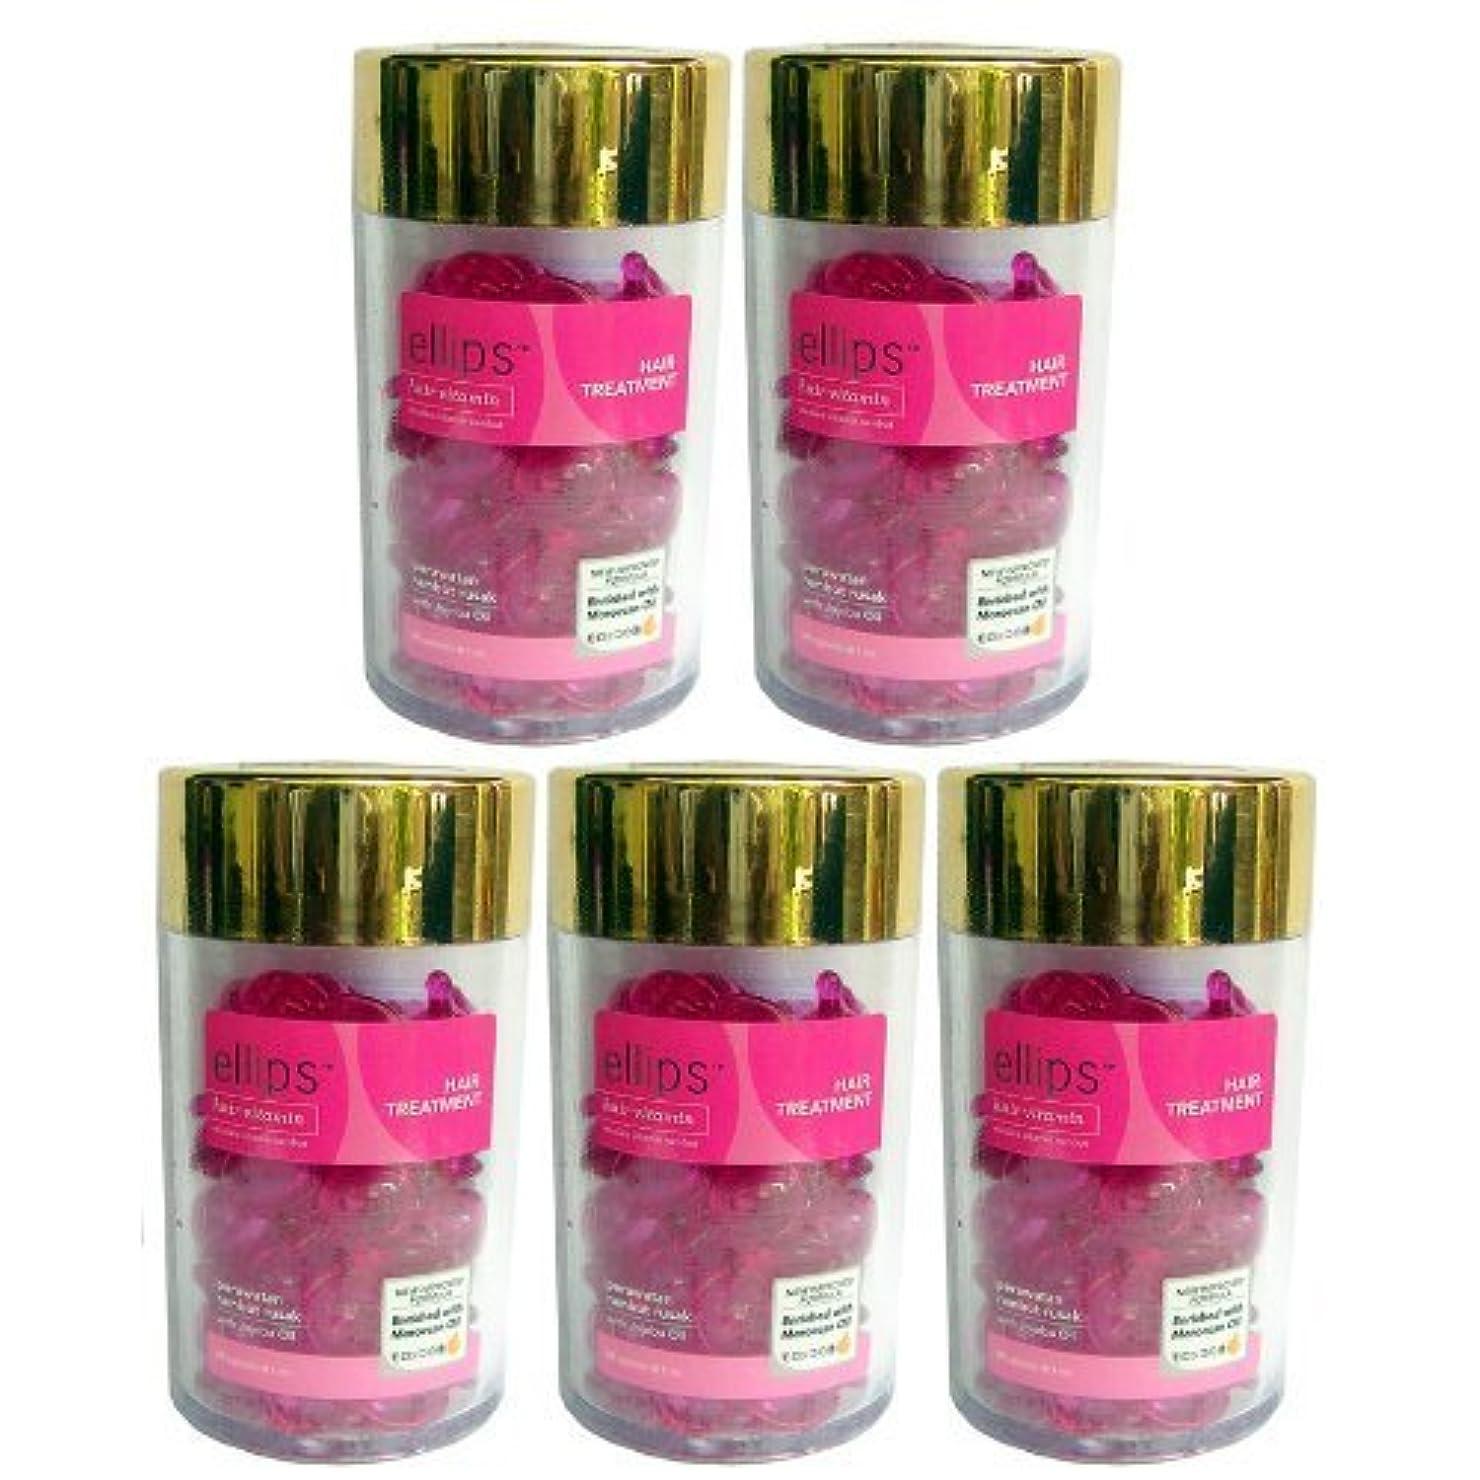 ペニースタック本質的ではないエリップス ellips ヘアビタミン洗い流さないヘアトリートメント(並行輸入品) (ピンク5本)